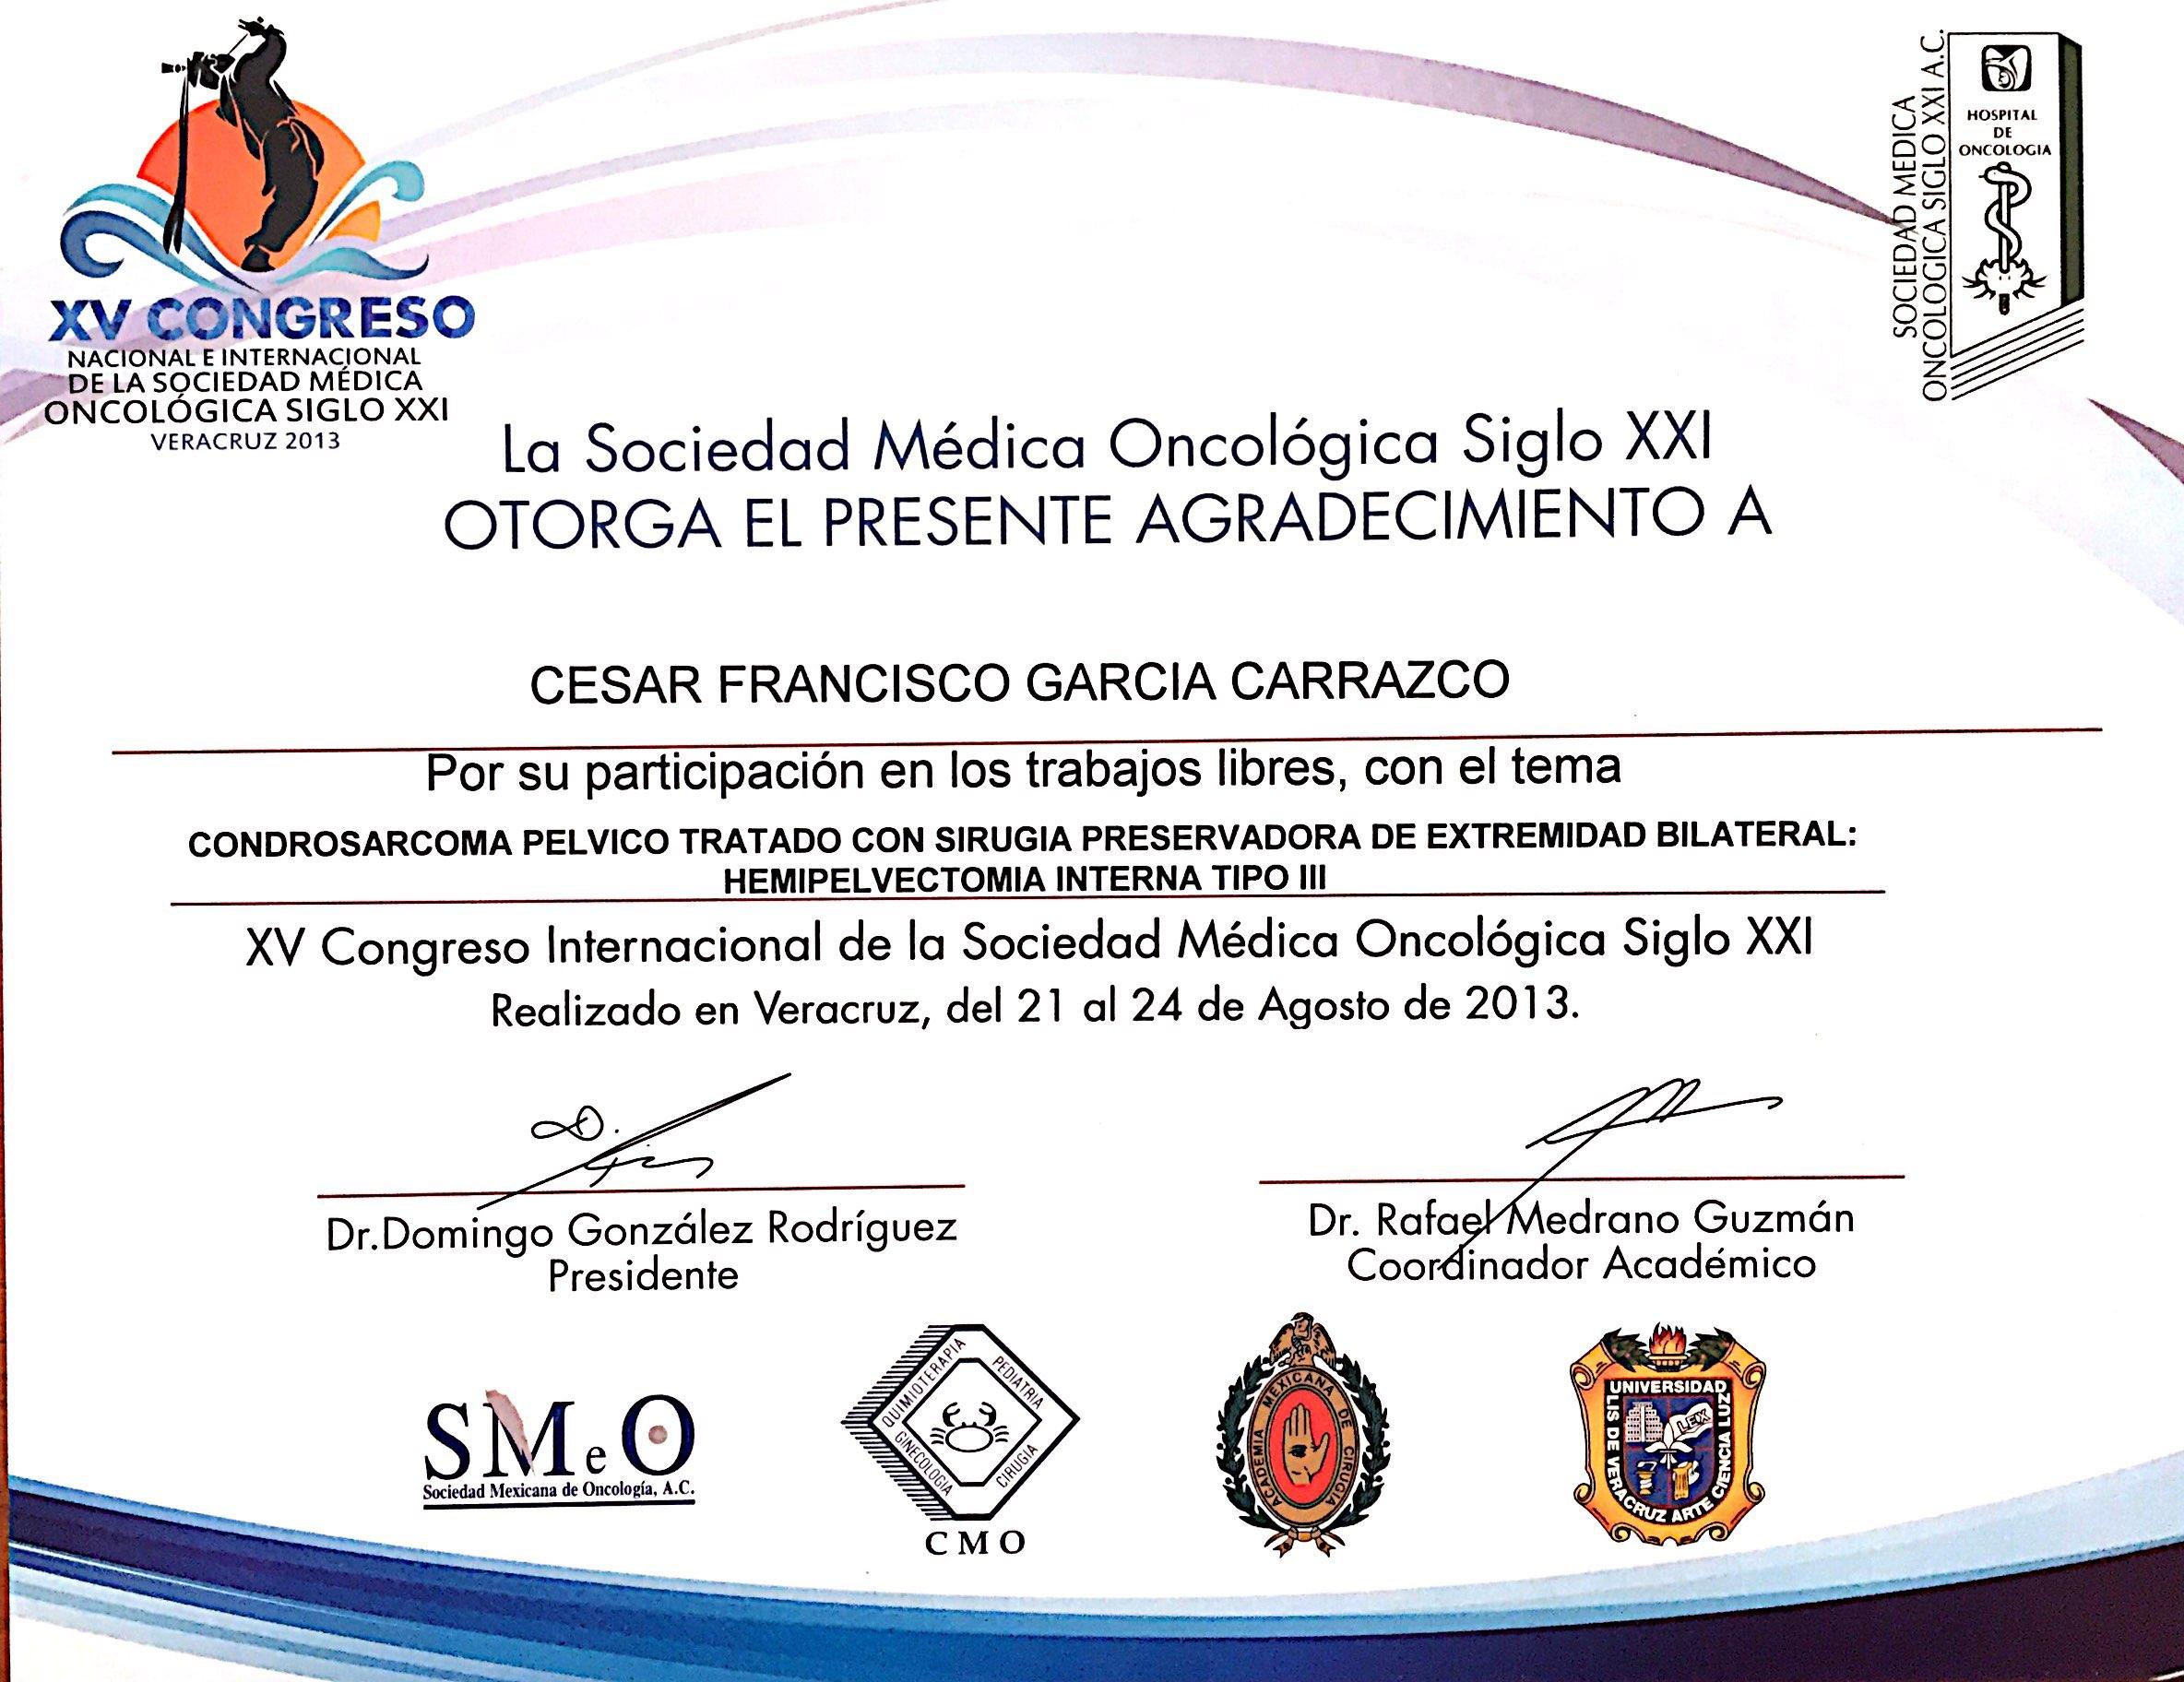 Dr. Garcia Carrazco_48